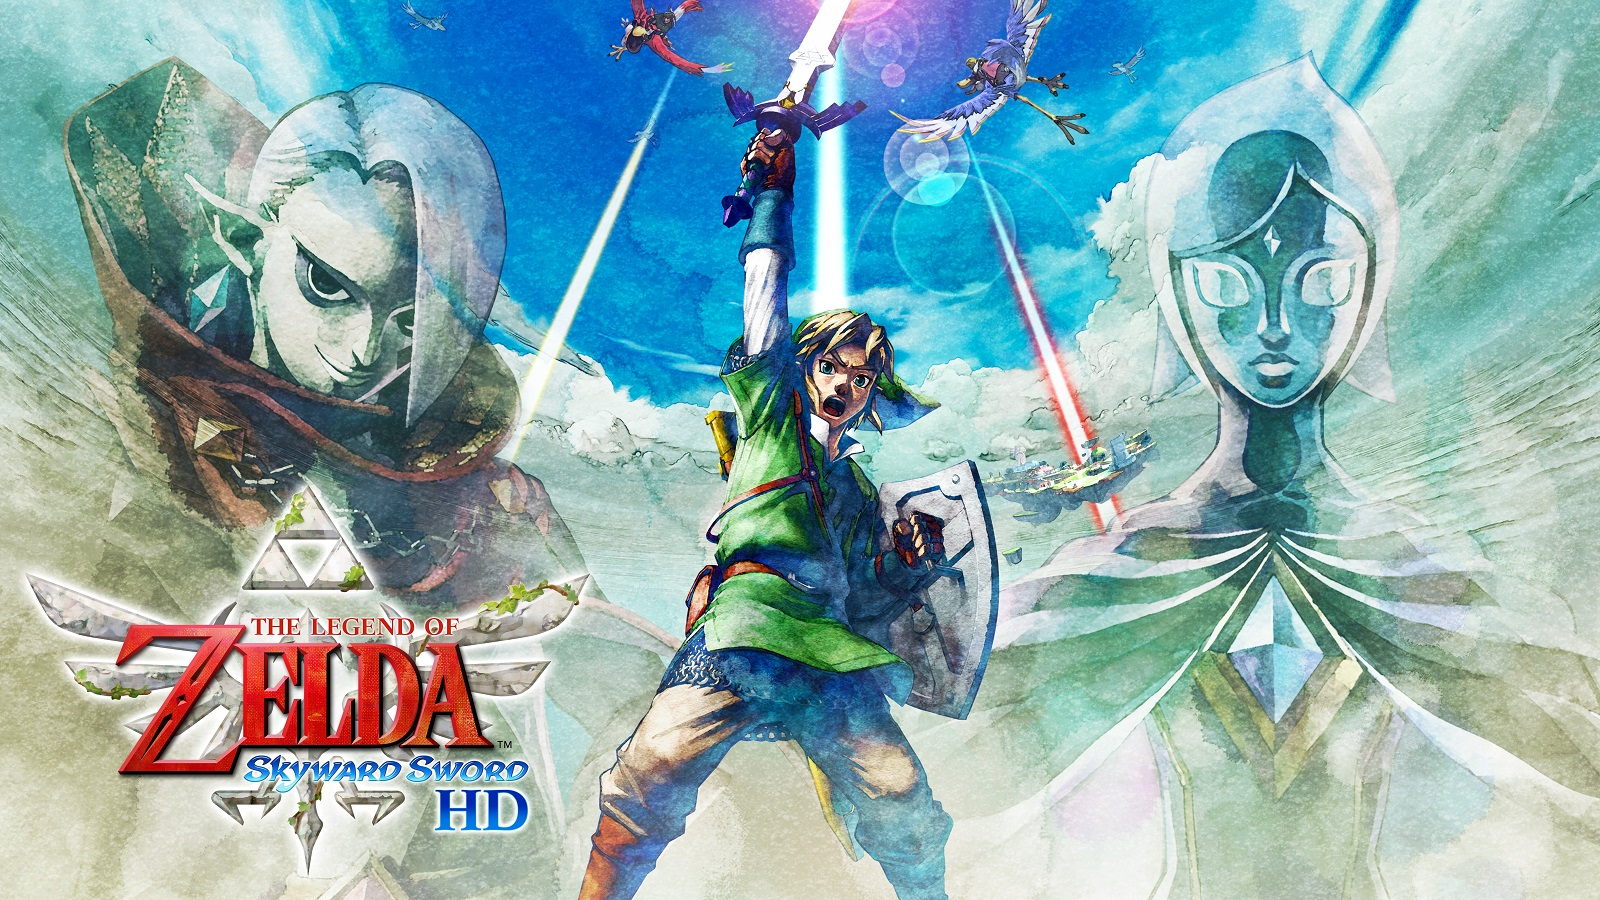 The Legend of Zelda: Skyward Sword всё-таки выйдет на Switch в формате переиздания